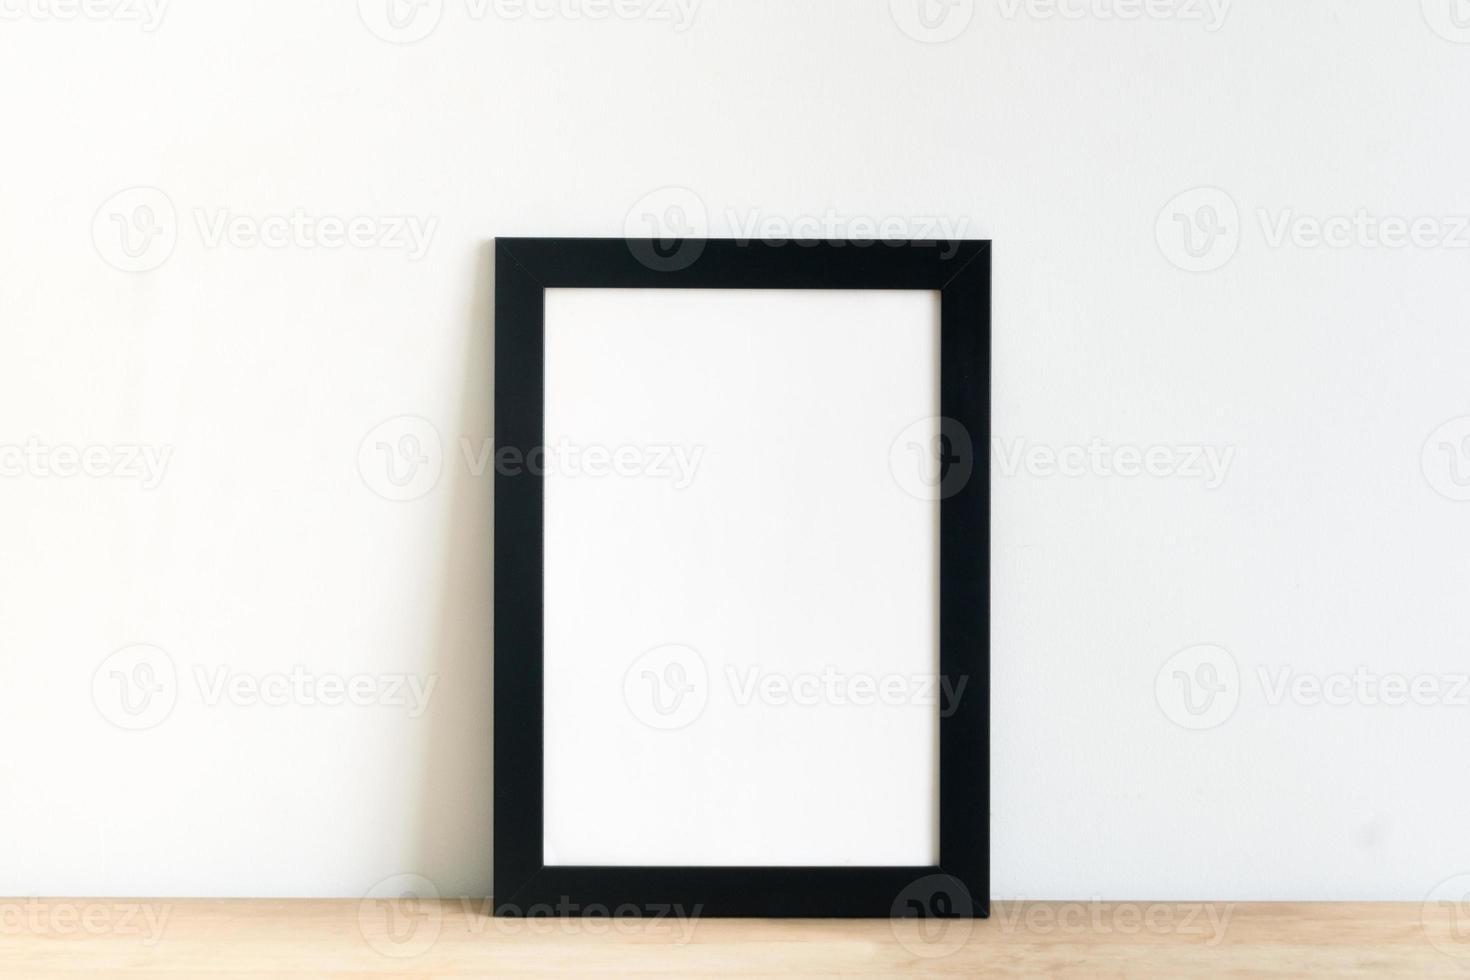 moldura preta em branco sobre fundo branco interior foto